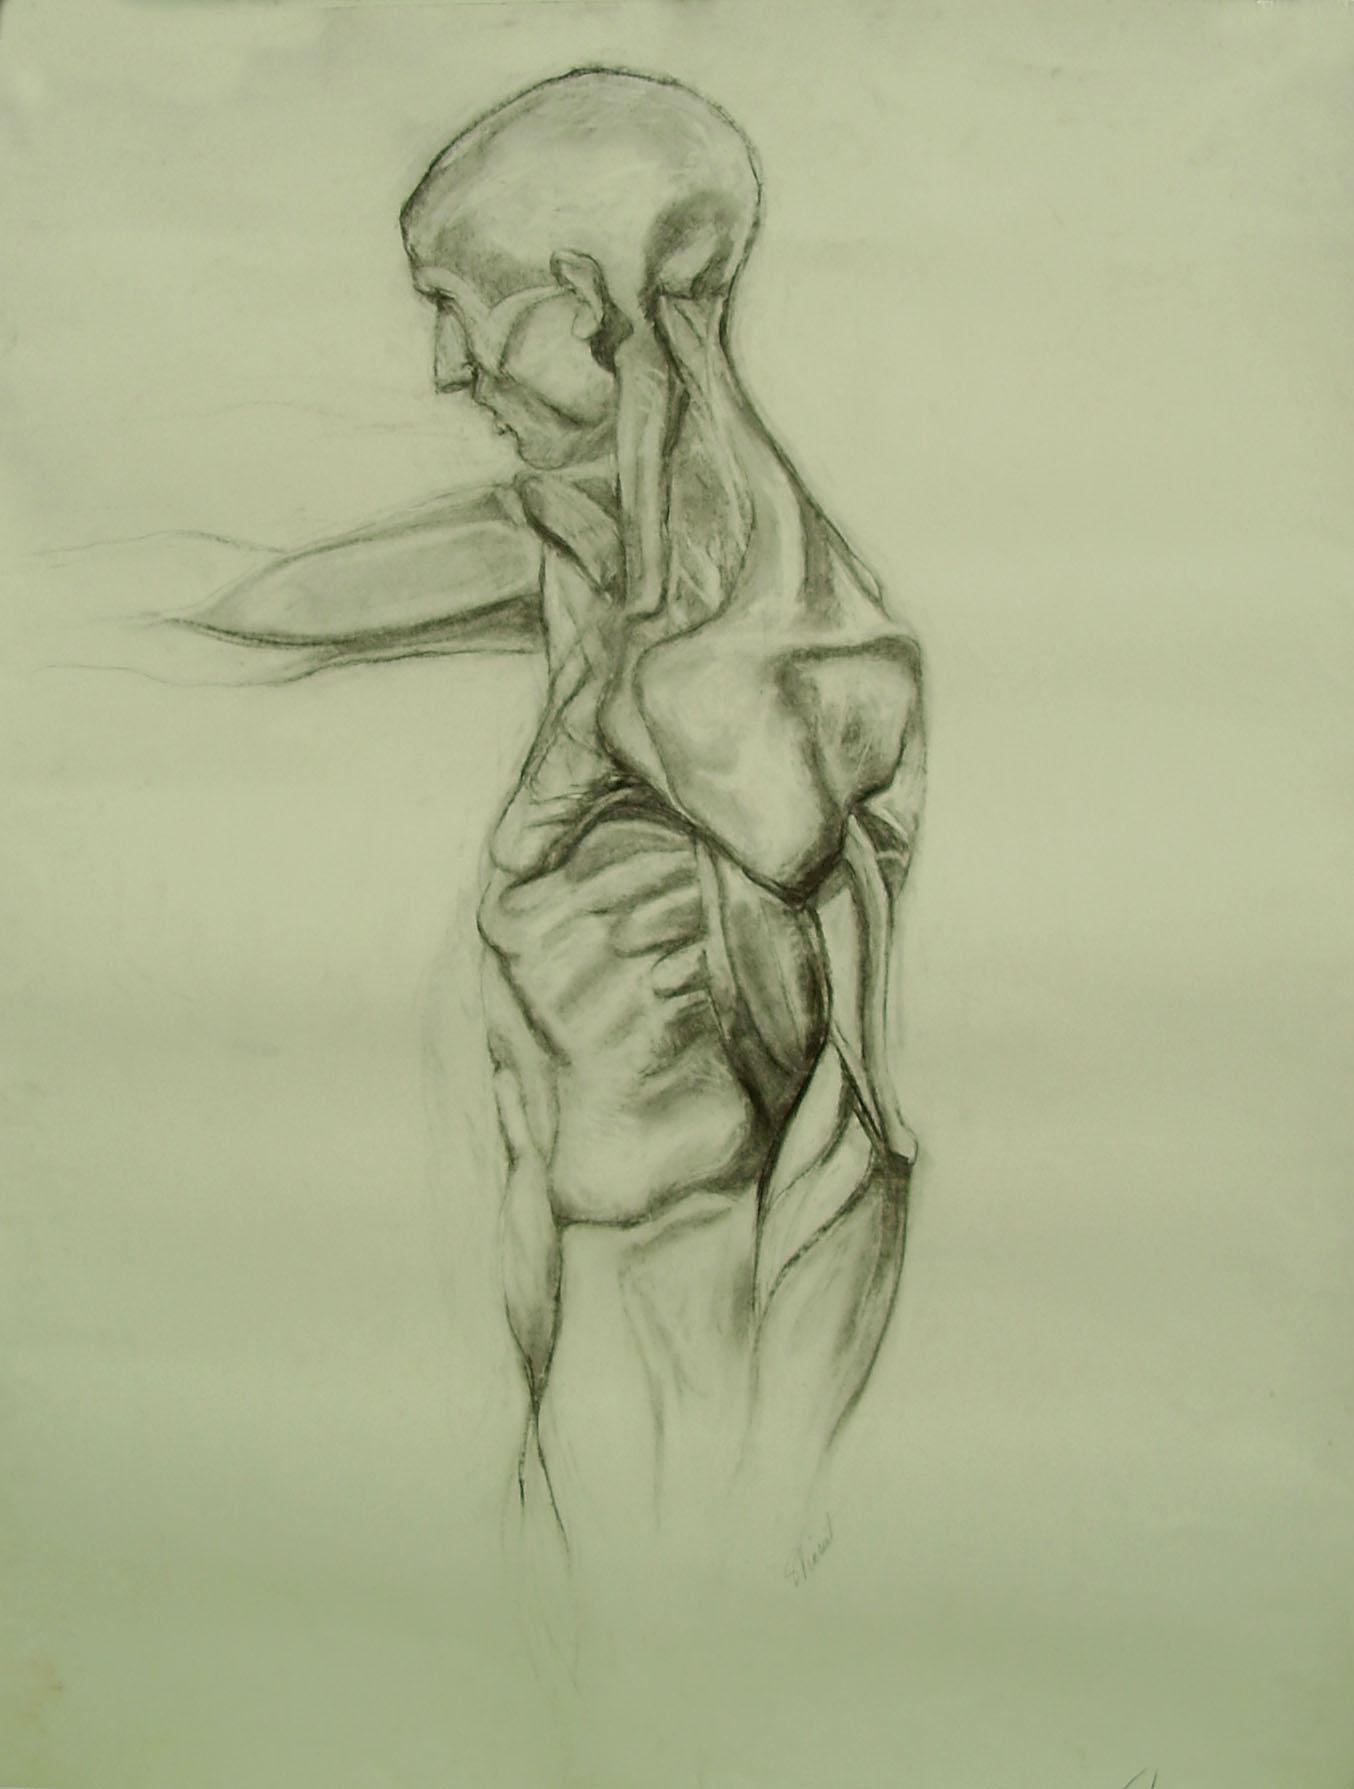 A Man of Stature by Susanne Vincent